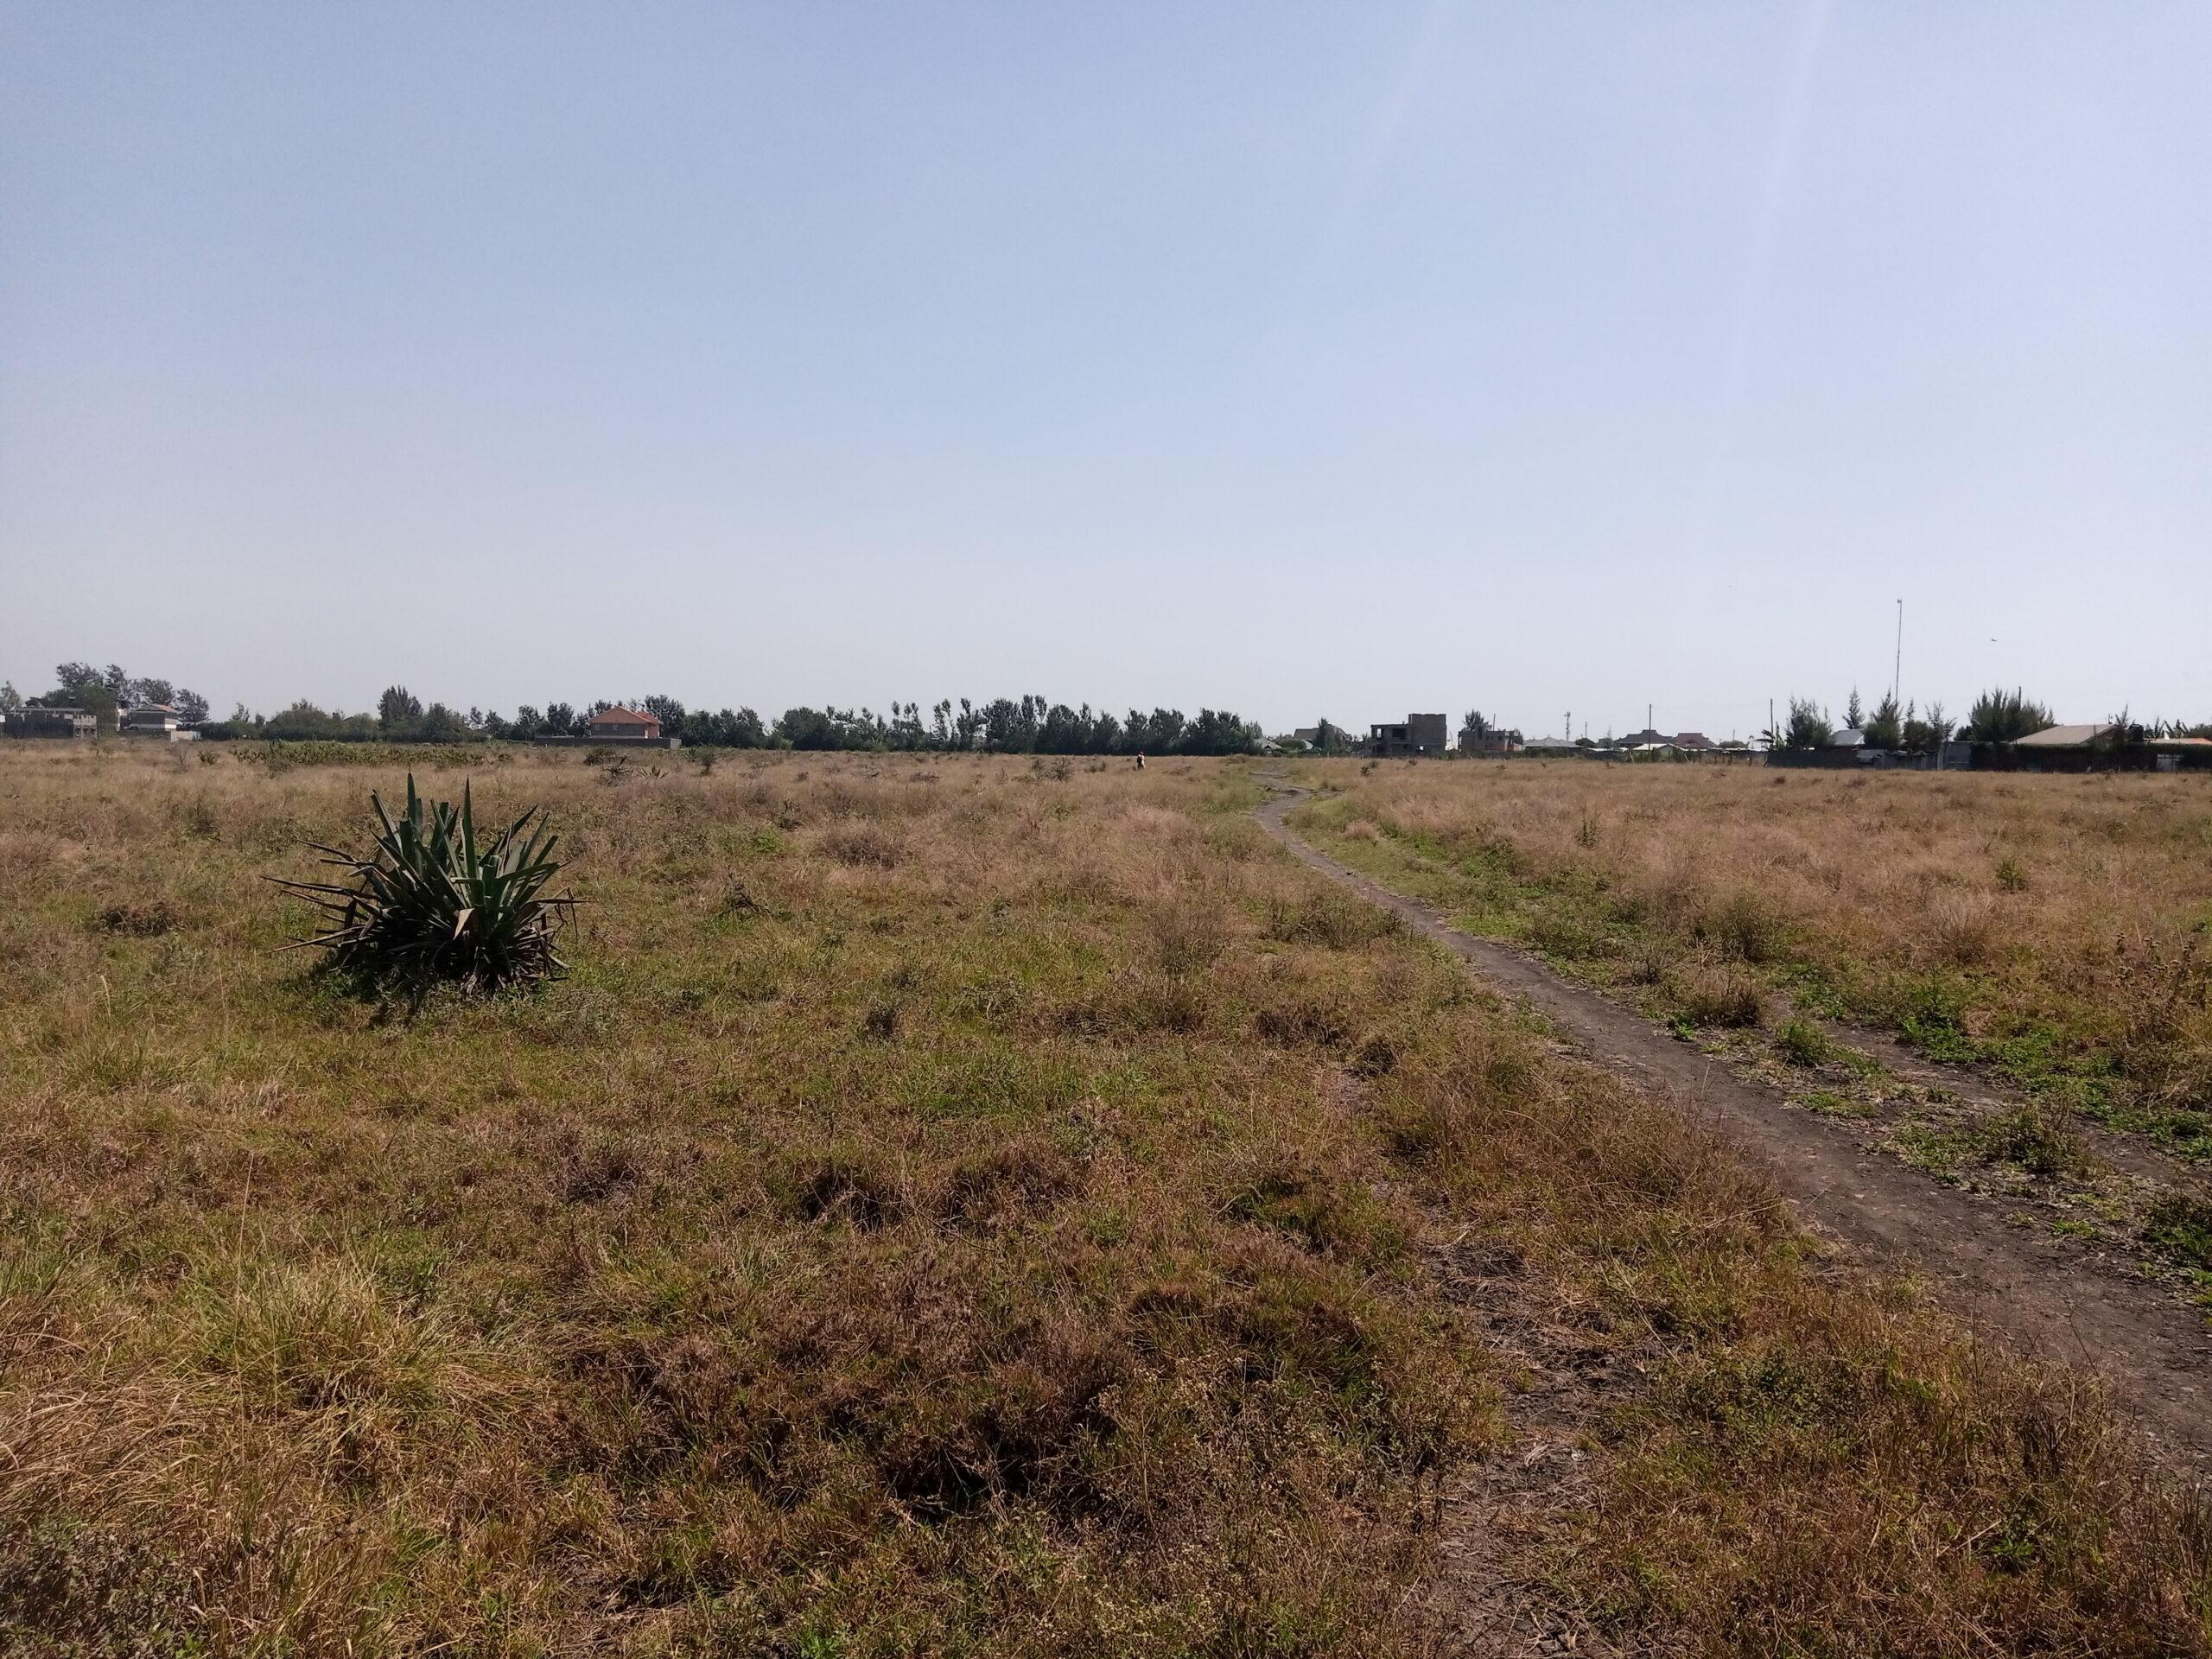 10 Acres FOR SALE – Katani, Machakos County